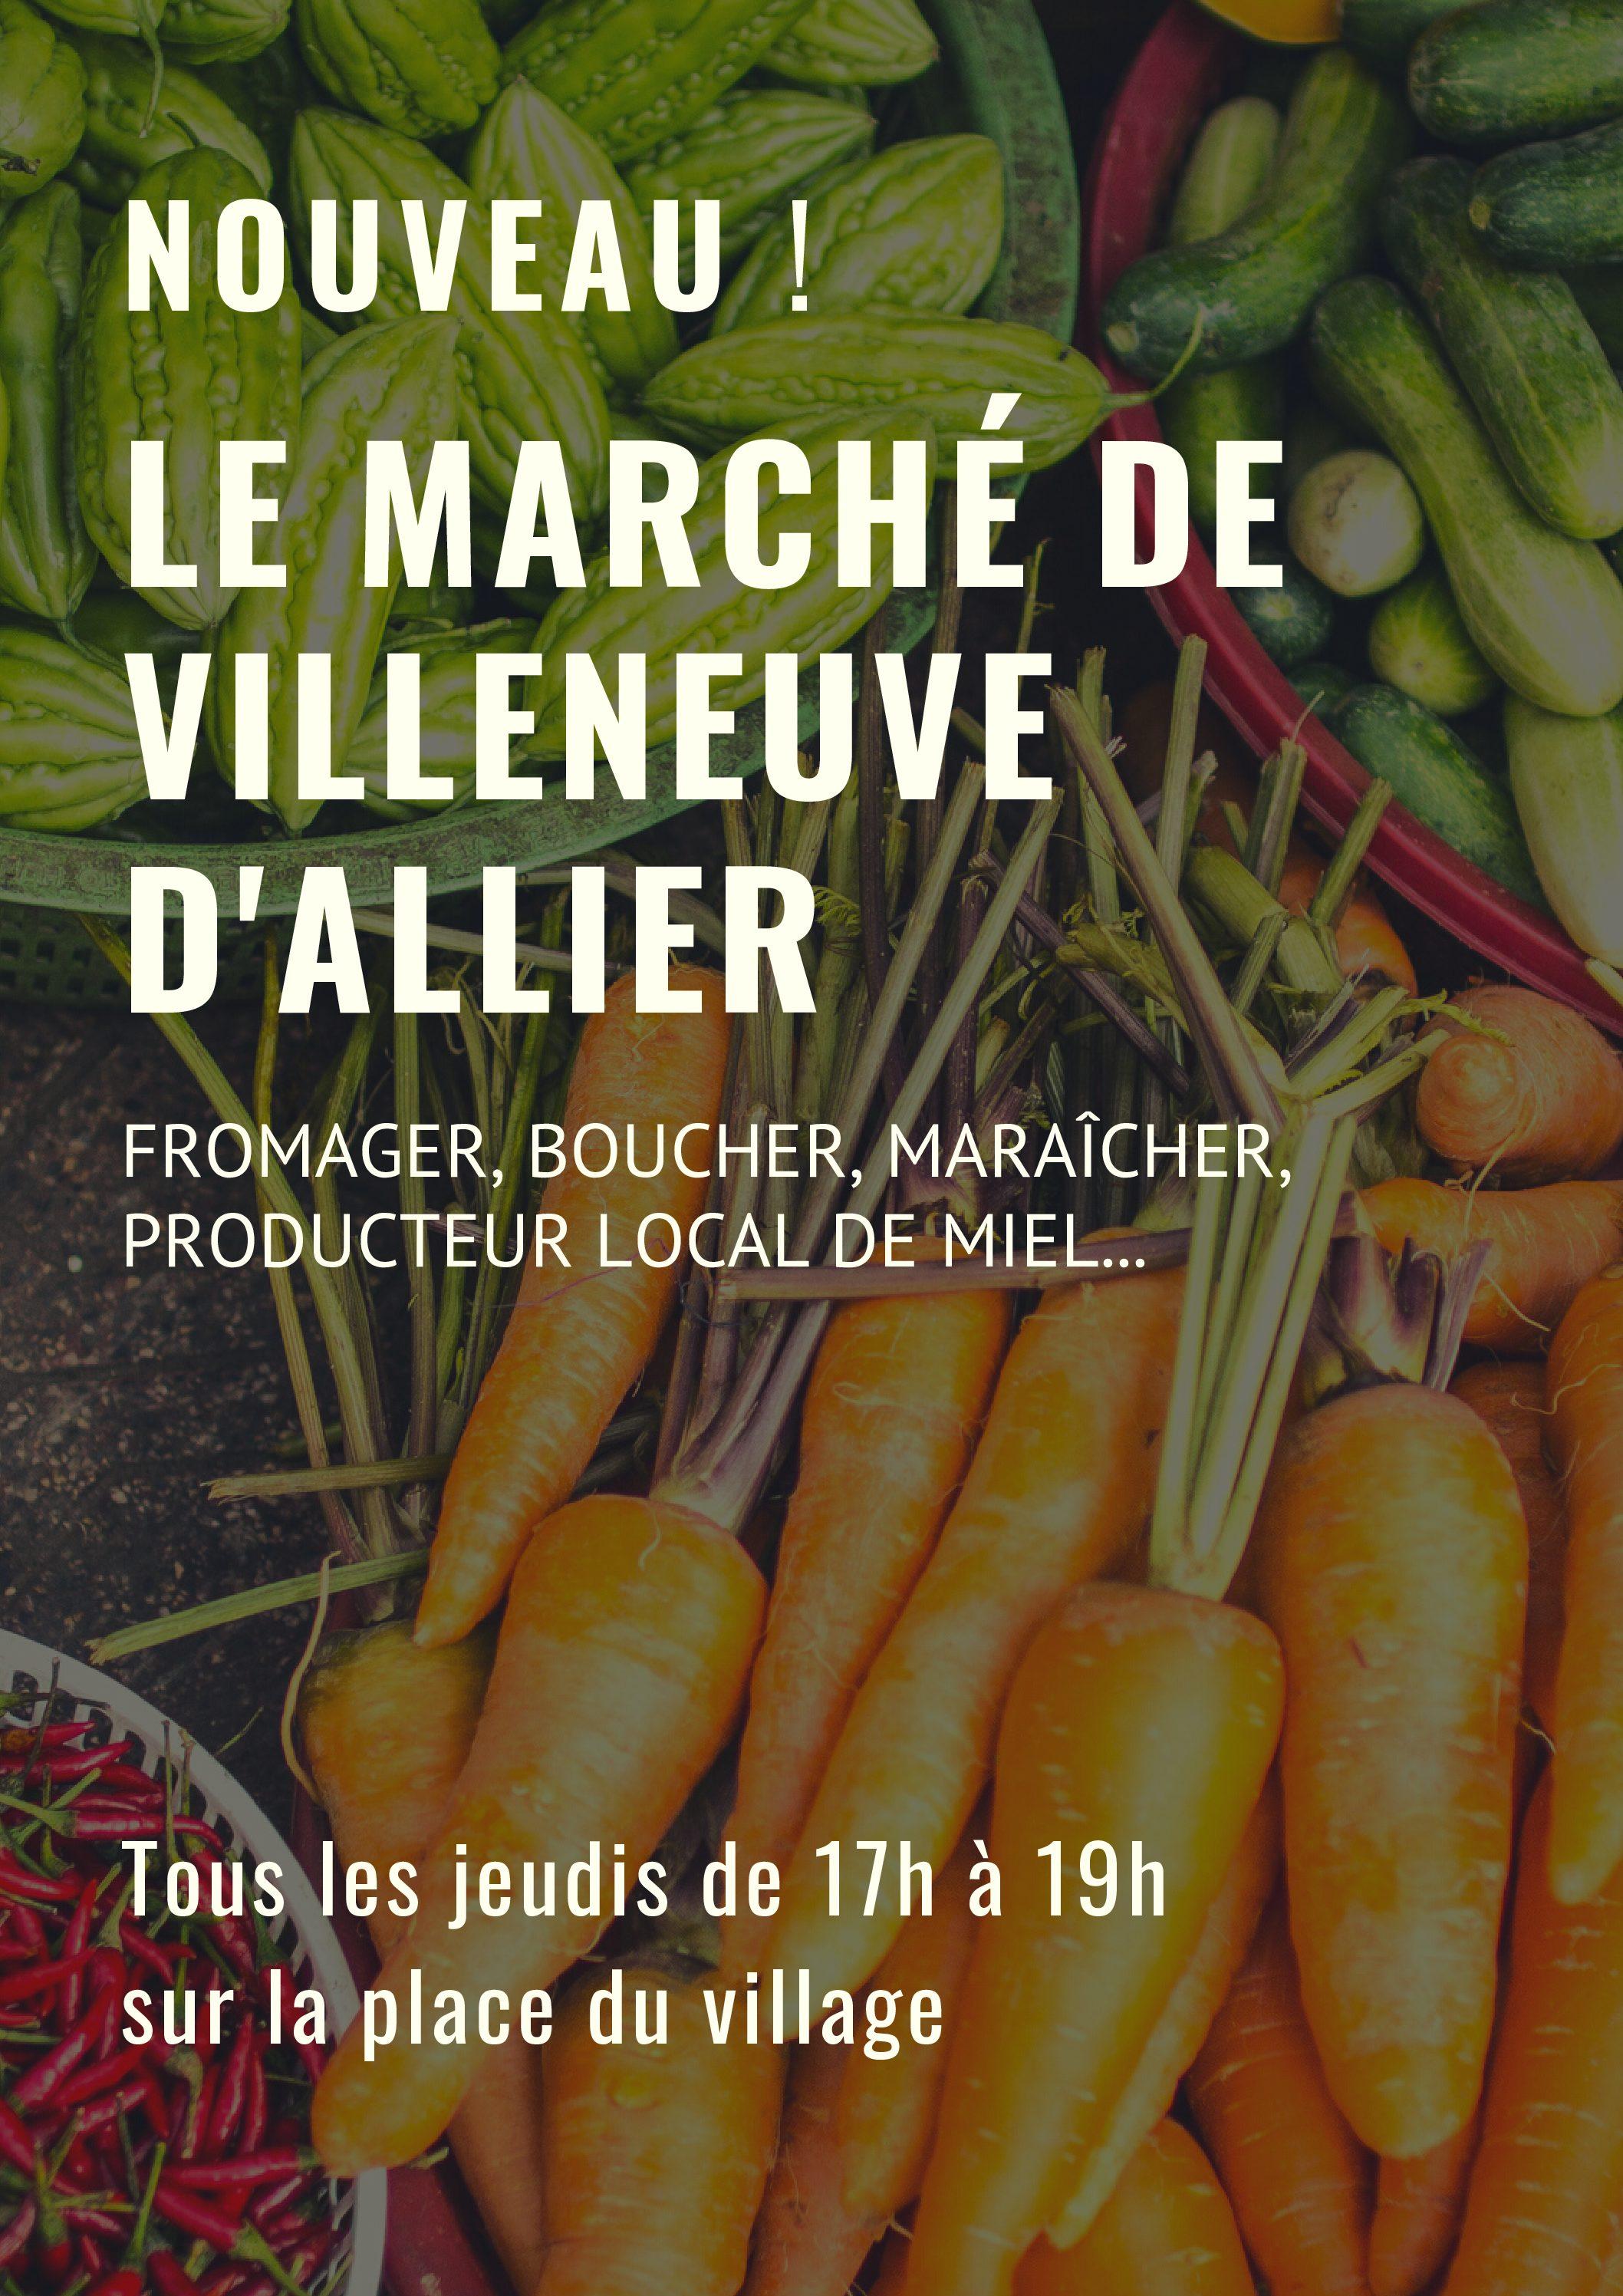 Un marché à Villeneuve d'Allier